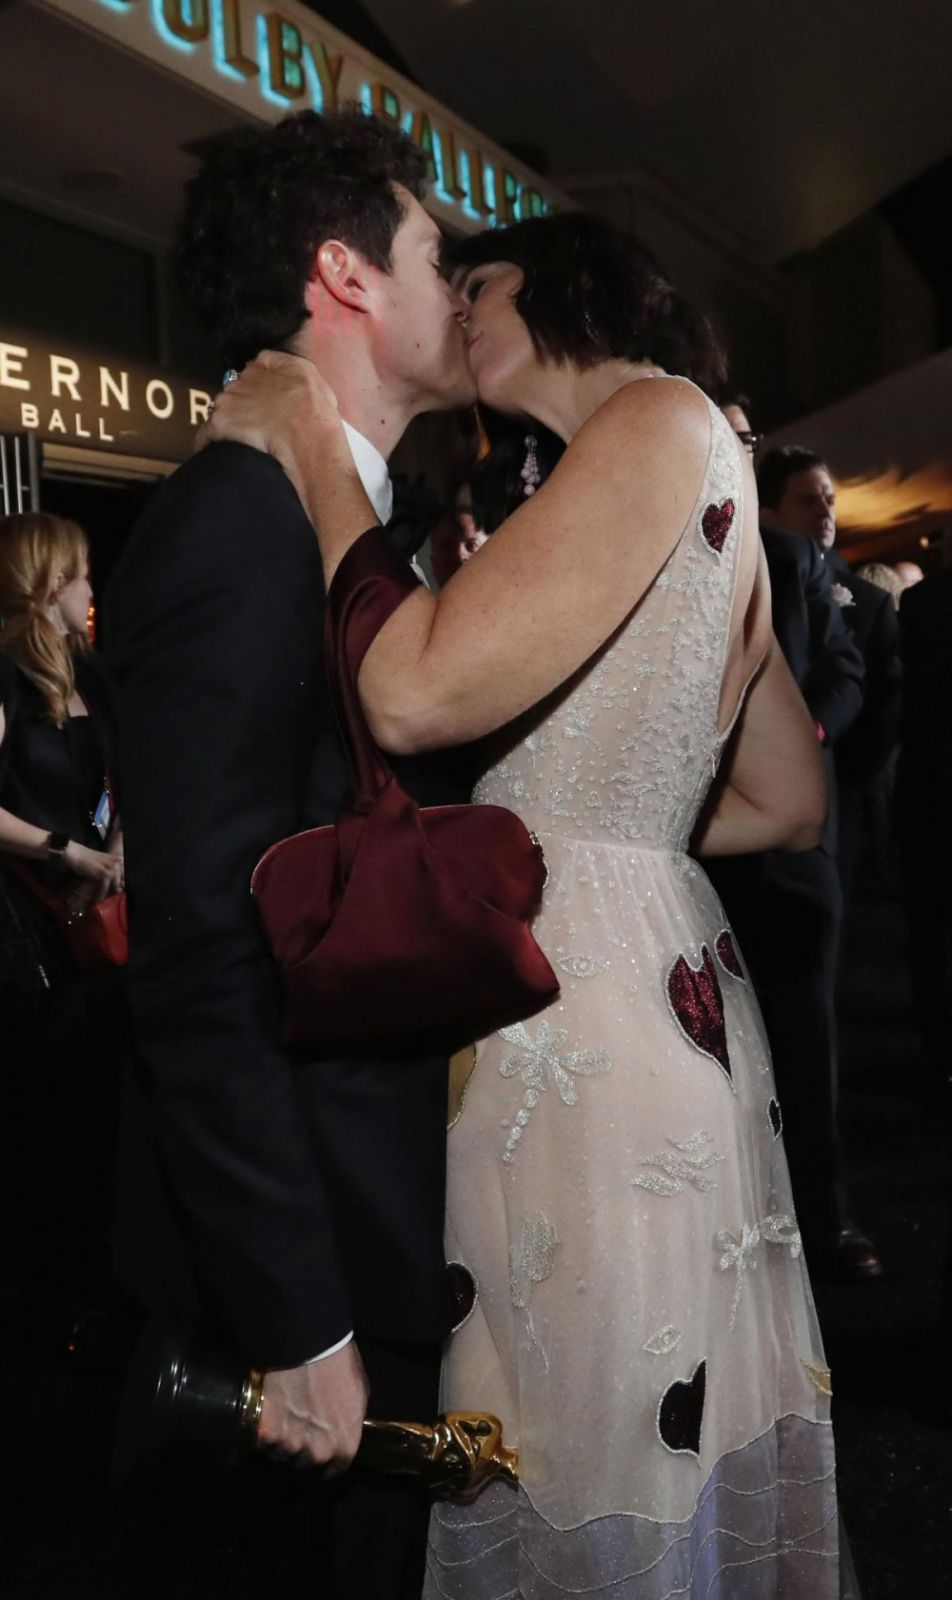 """Еще один поцелуй на """"Оскаре-2019"""". Романтика не угосает, не иначе как магия Святого Валентина в действии."""